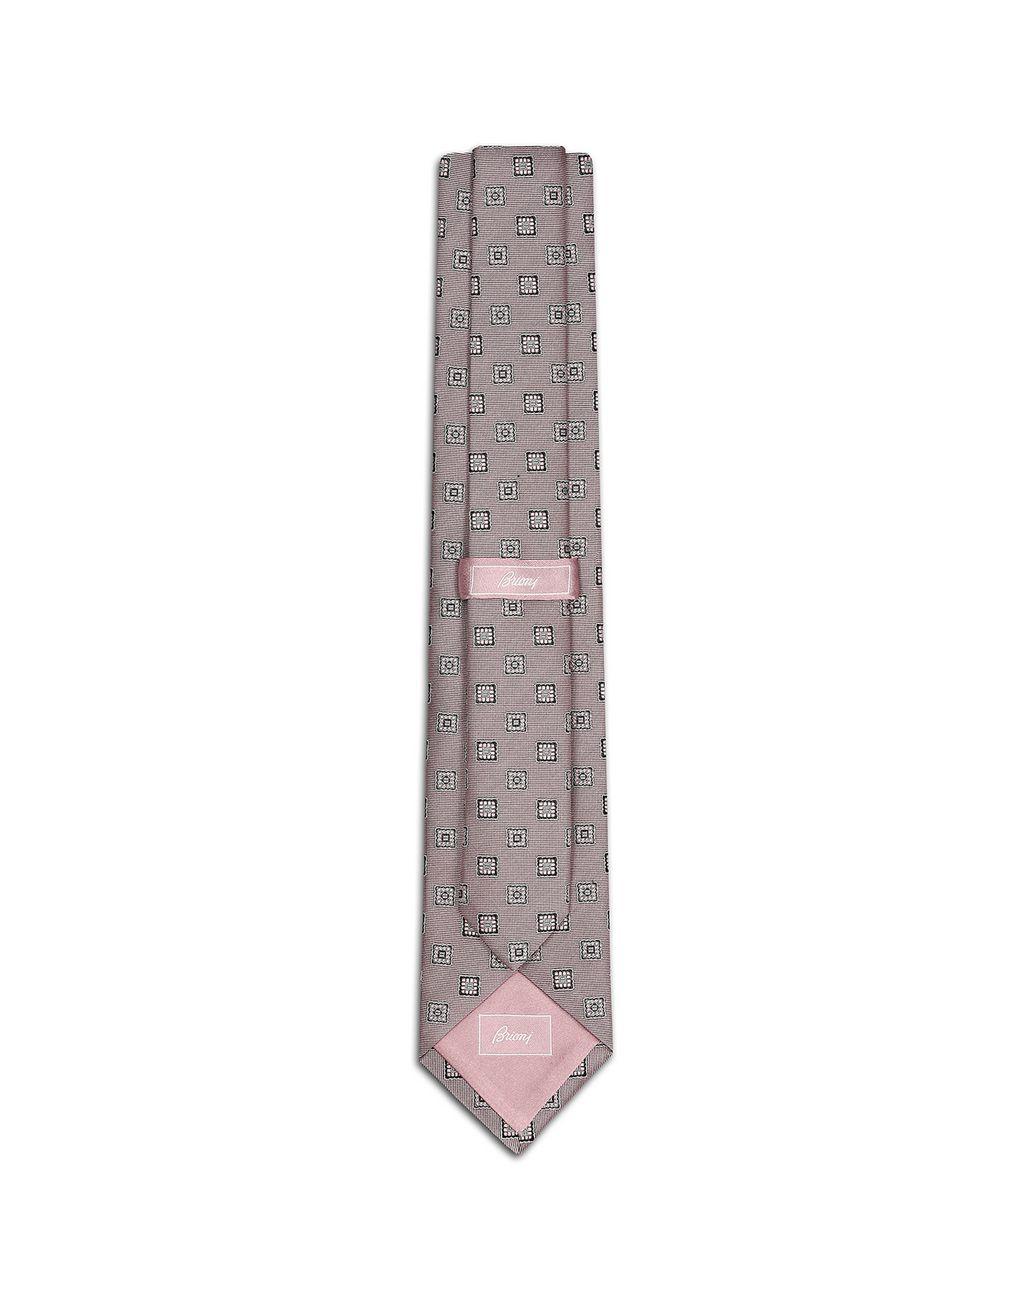 BRIONI Cravatta Rosa con Macrofantasia Cravatta Uomo r